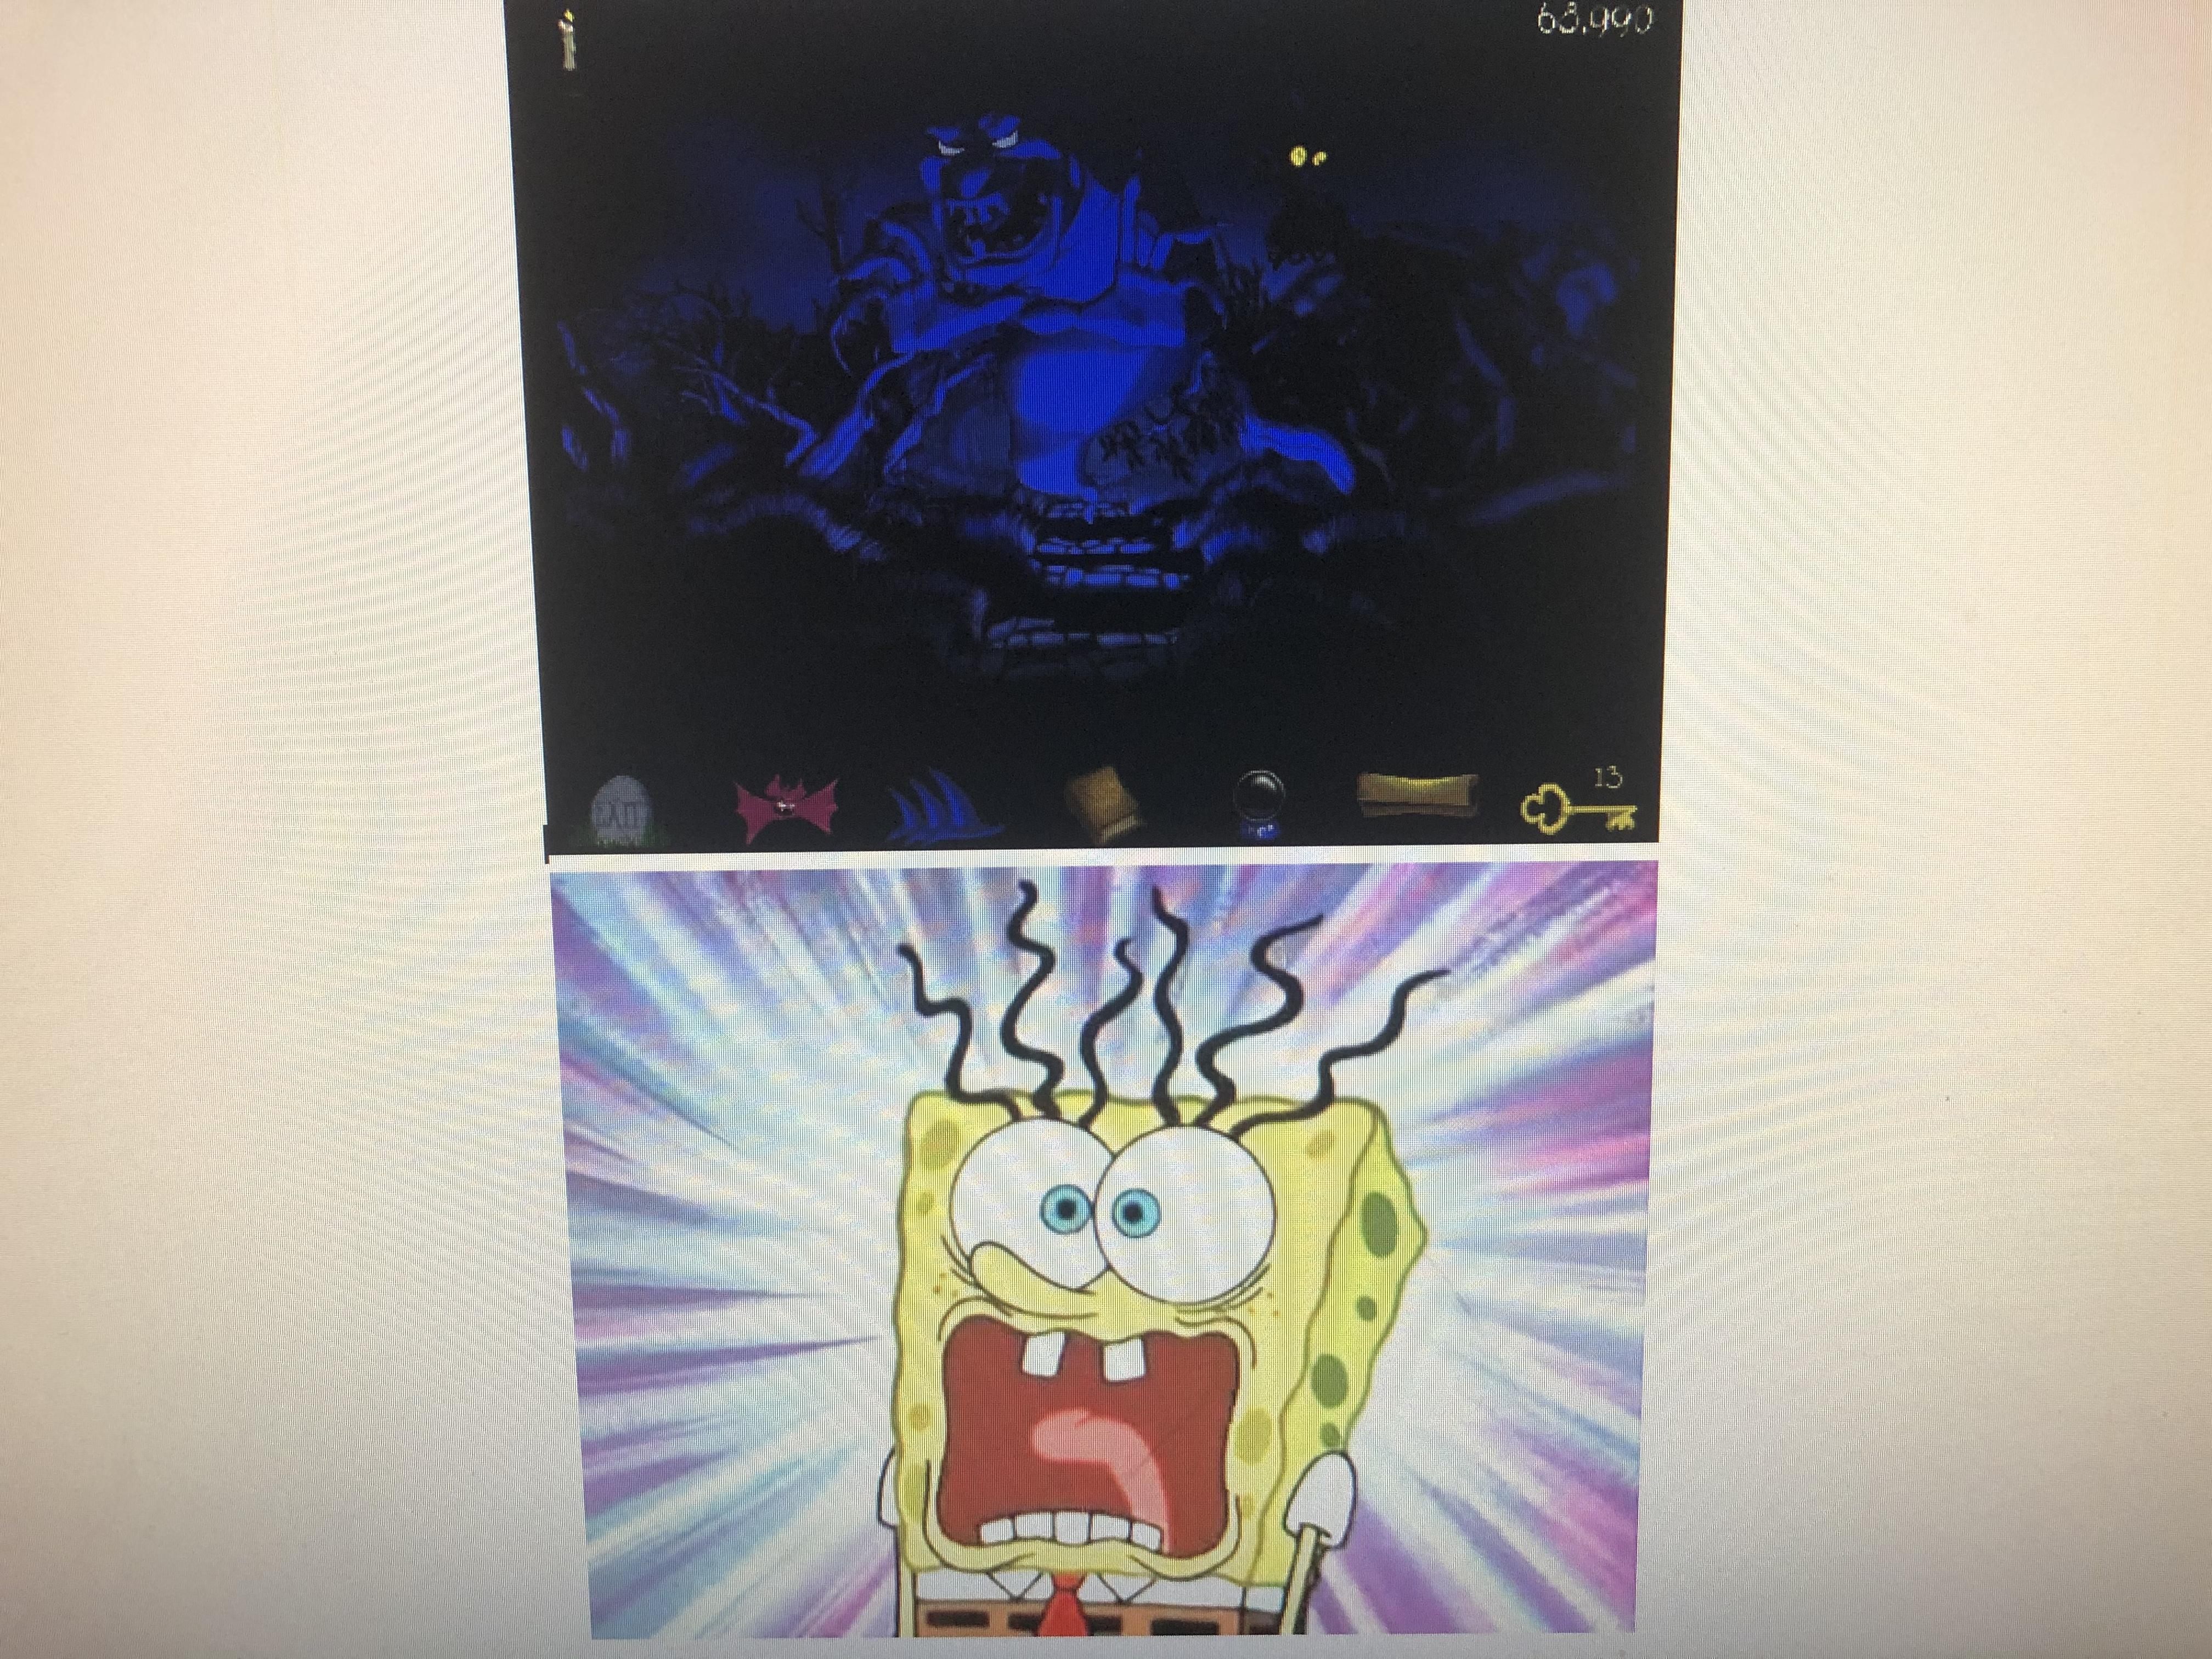 Spongebob Squarepants Scared of Repsac